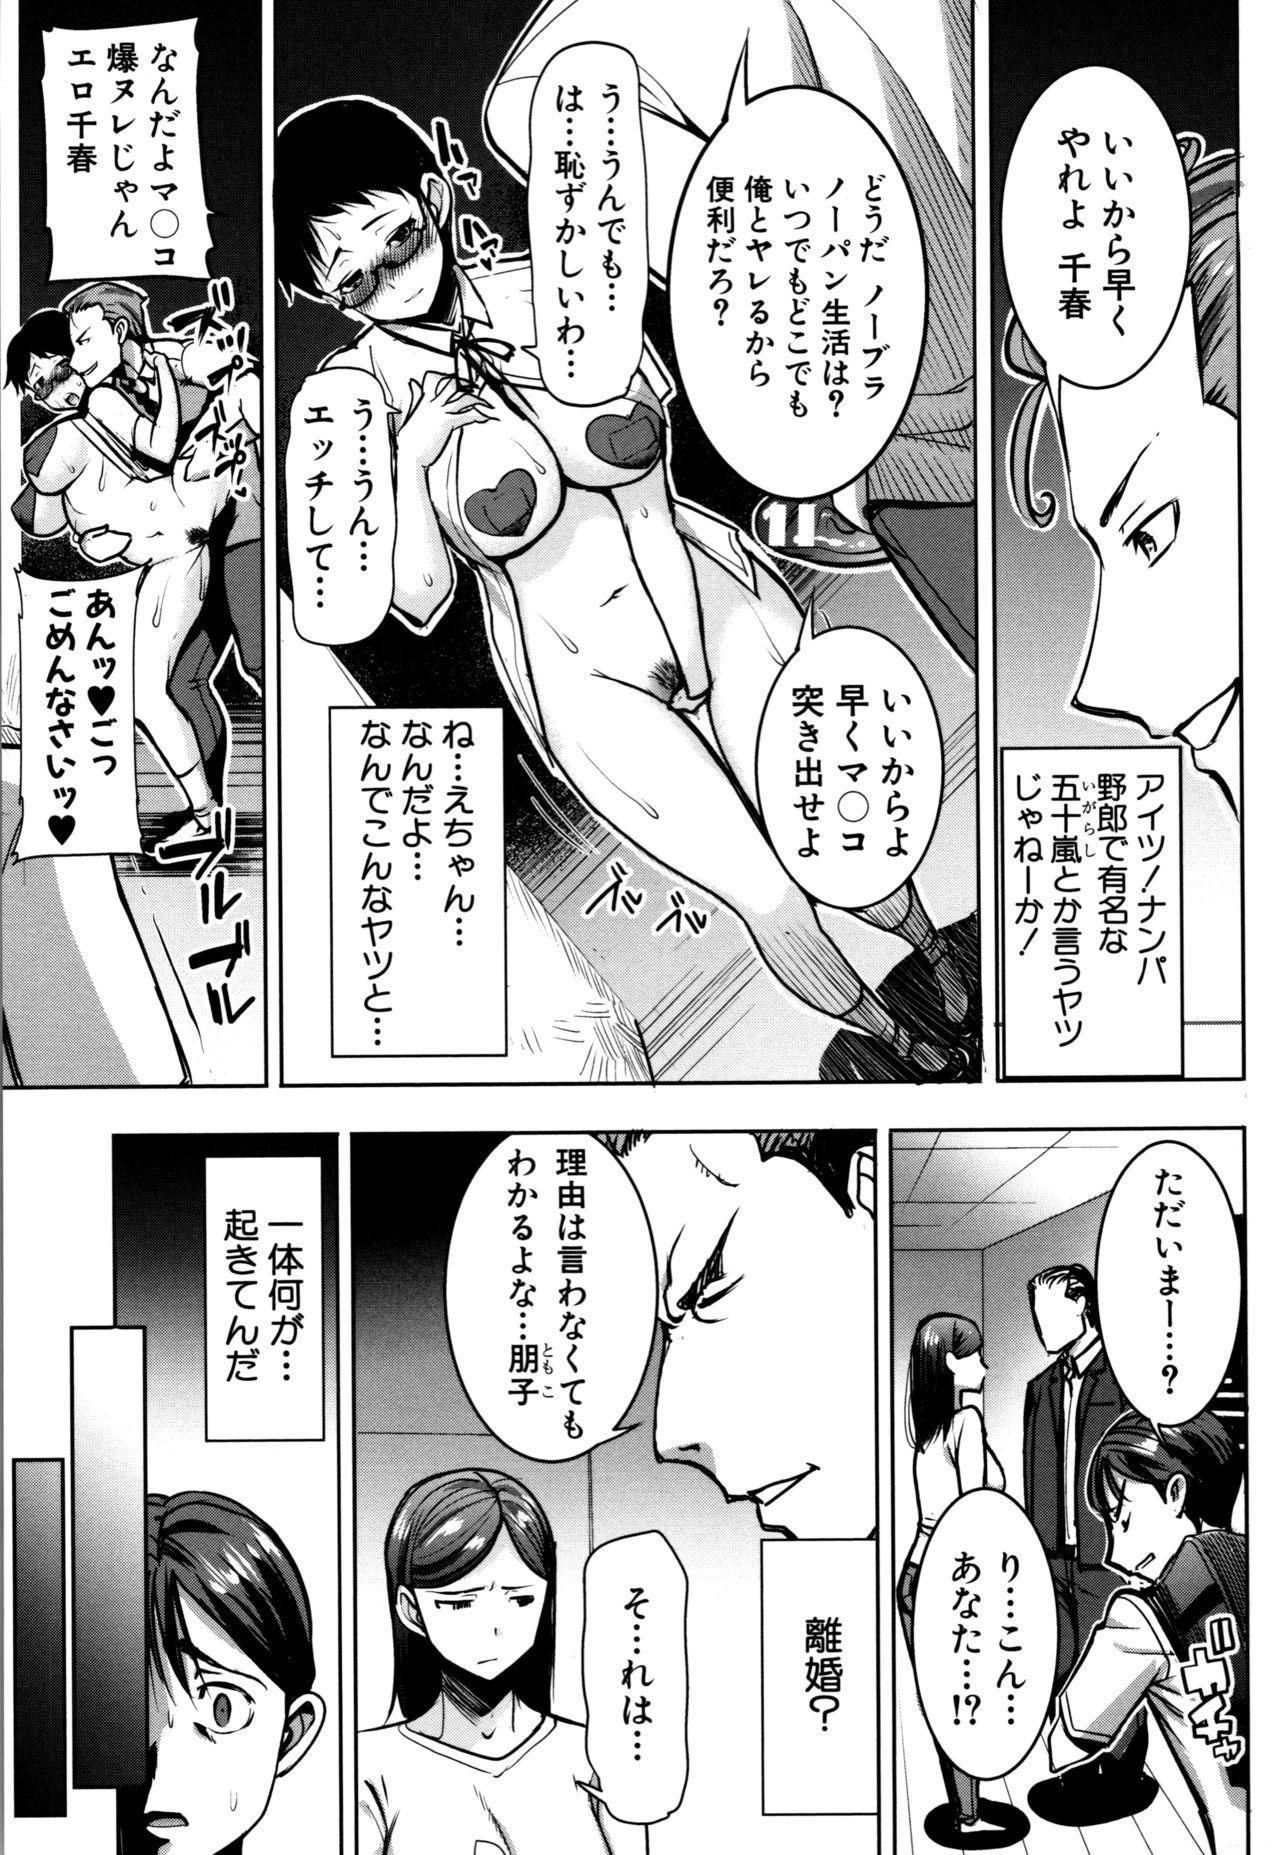 Unsweet - Asahina Ikka Netorareta Haha · Tomoko 144